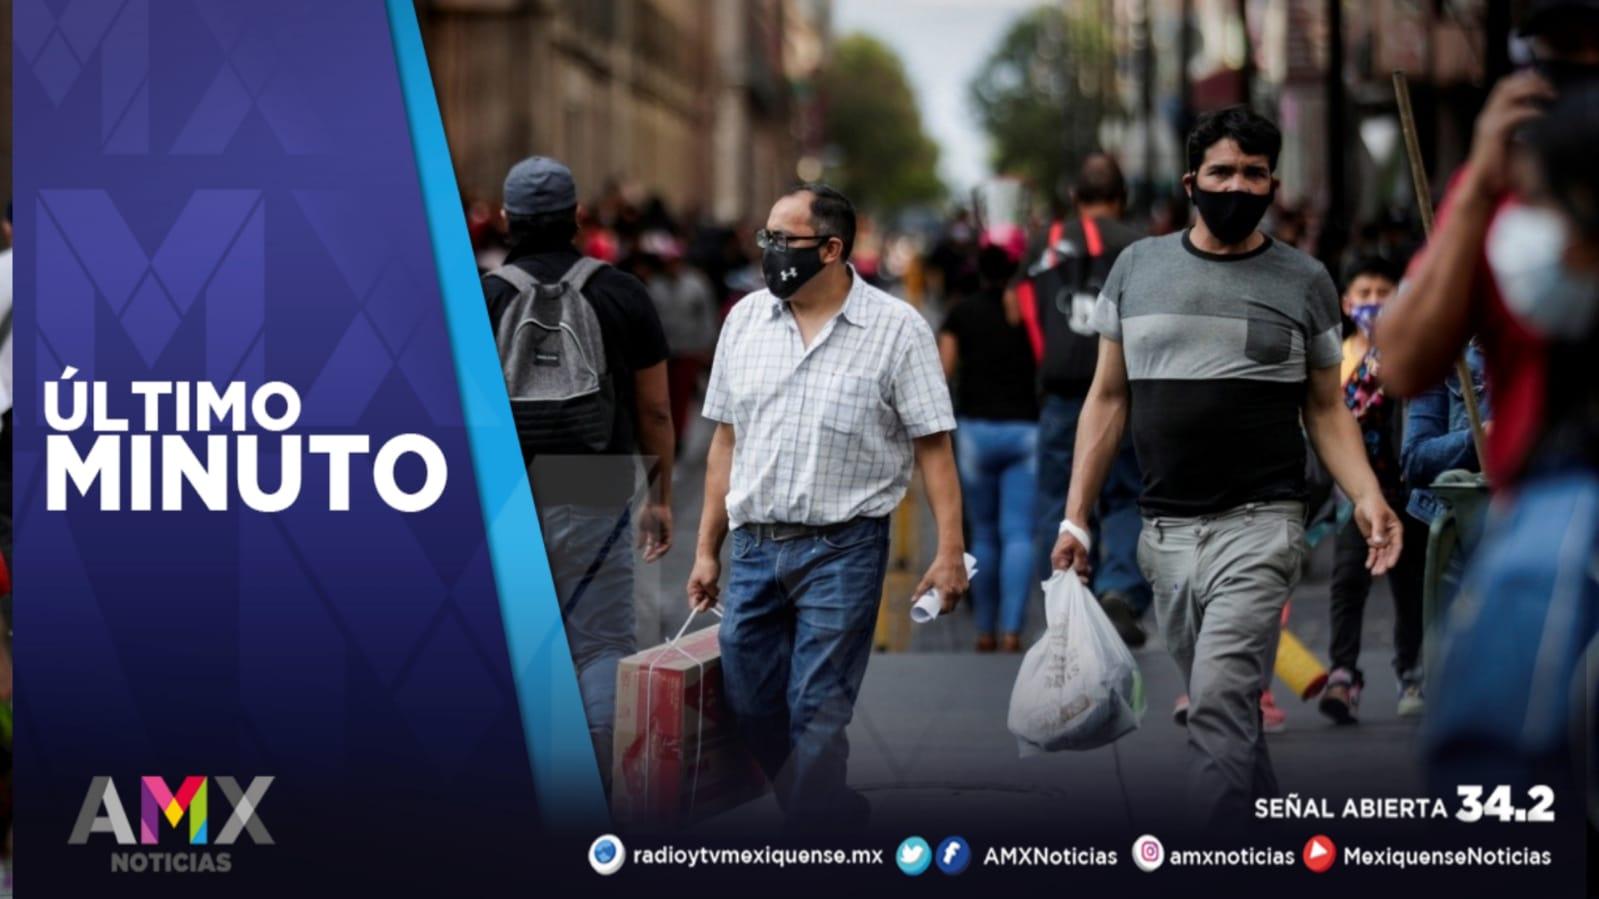 MÉXICO REGISTRA 19 MIL 722 CASOS ACTIVOS DE COVID-19